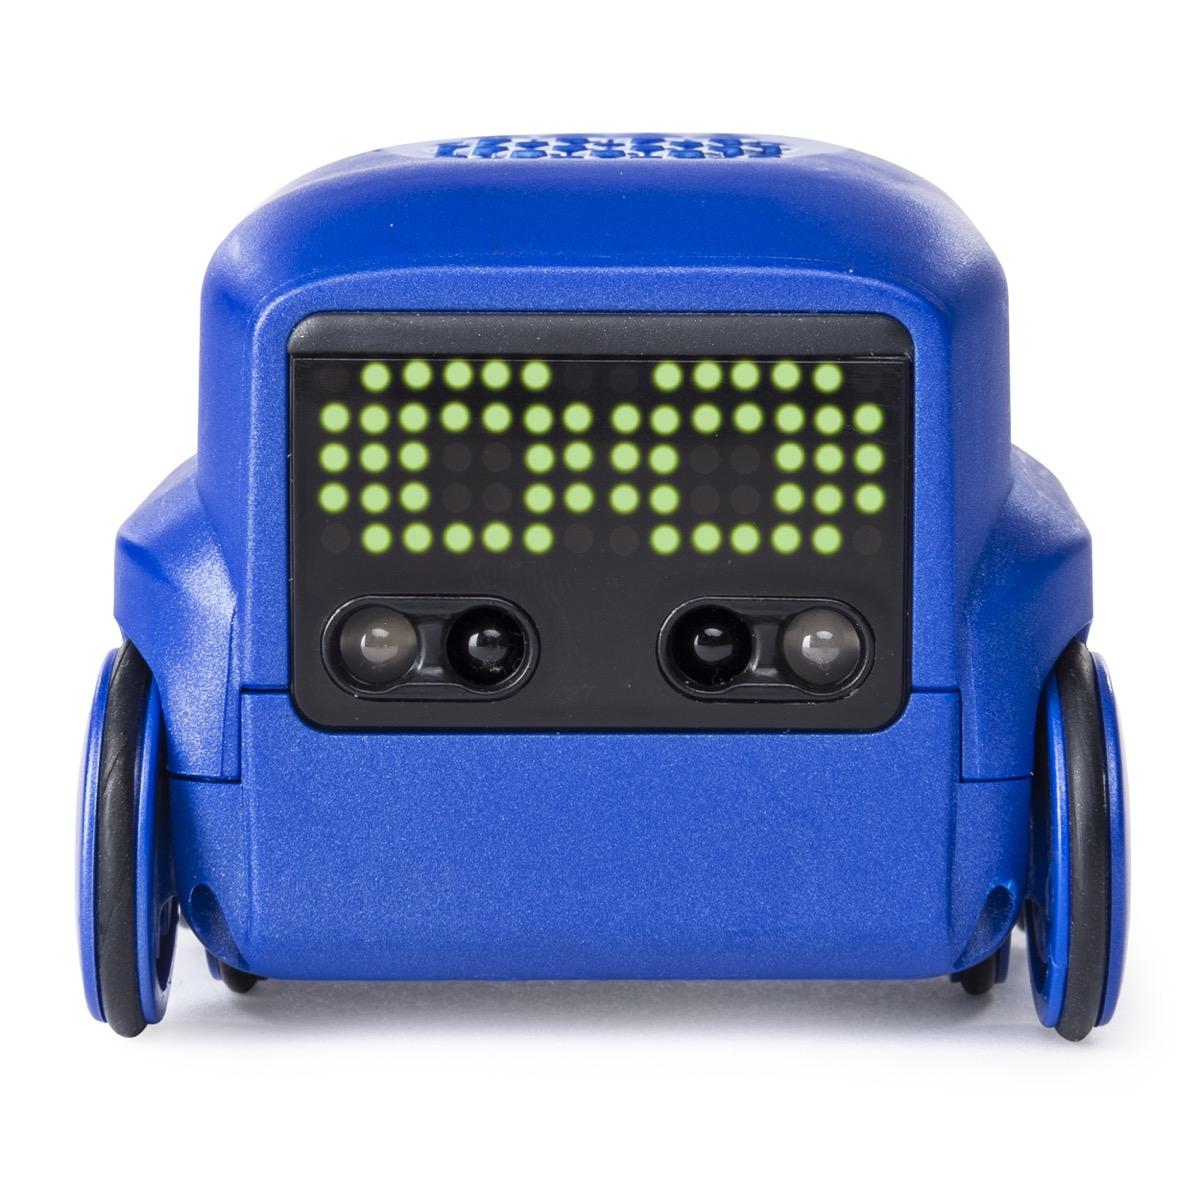 boxer interactive AI robot